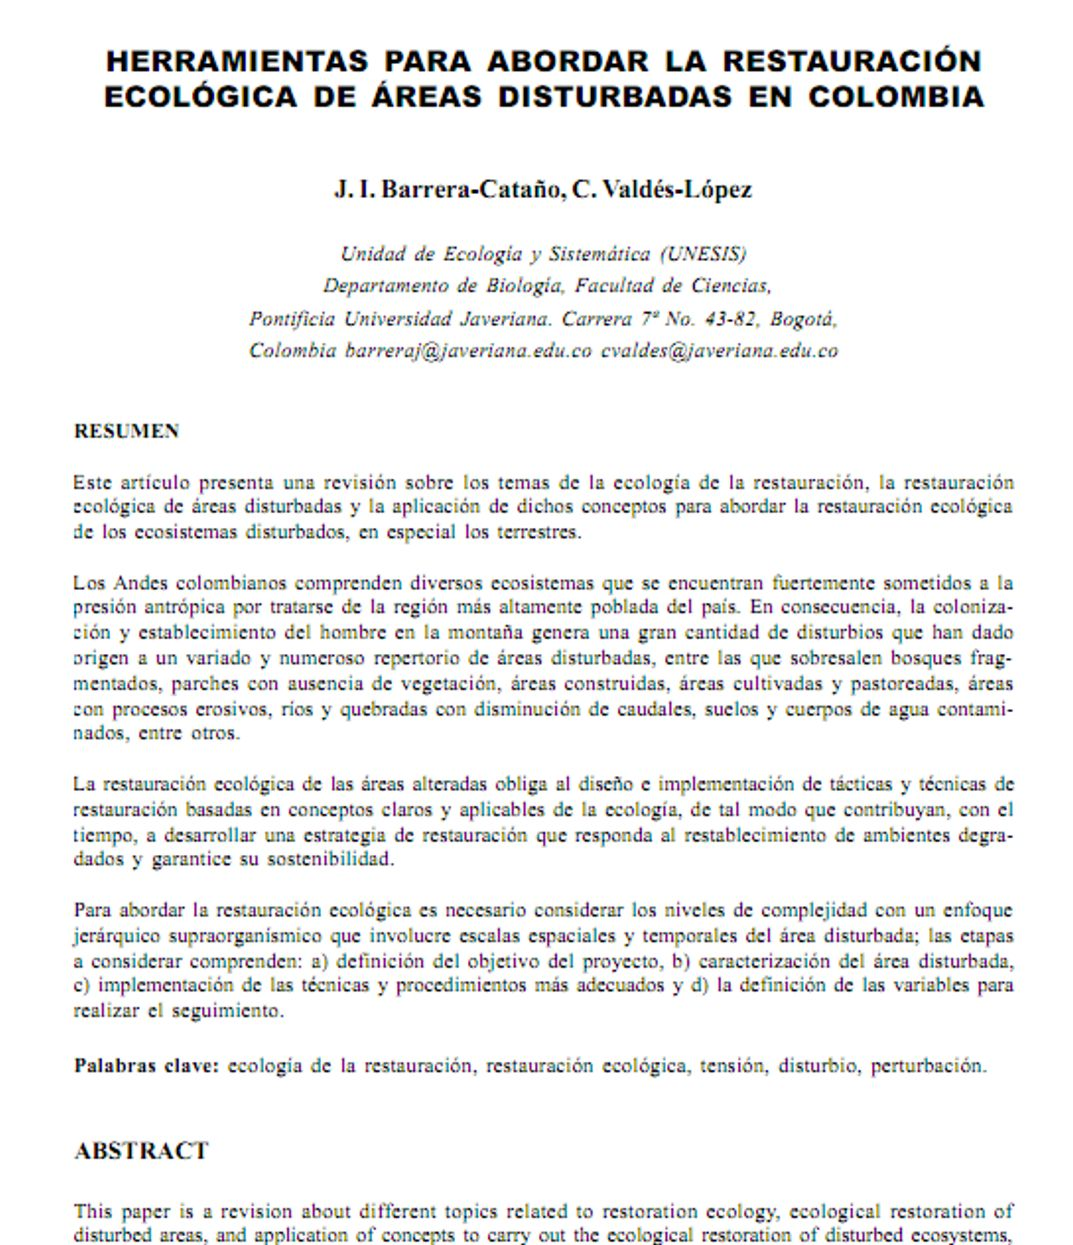 INGENIERIA FORESTAL: Documento Herramientas para abordar la ...